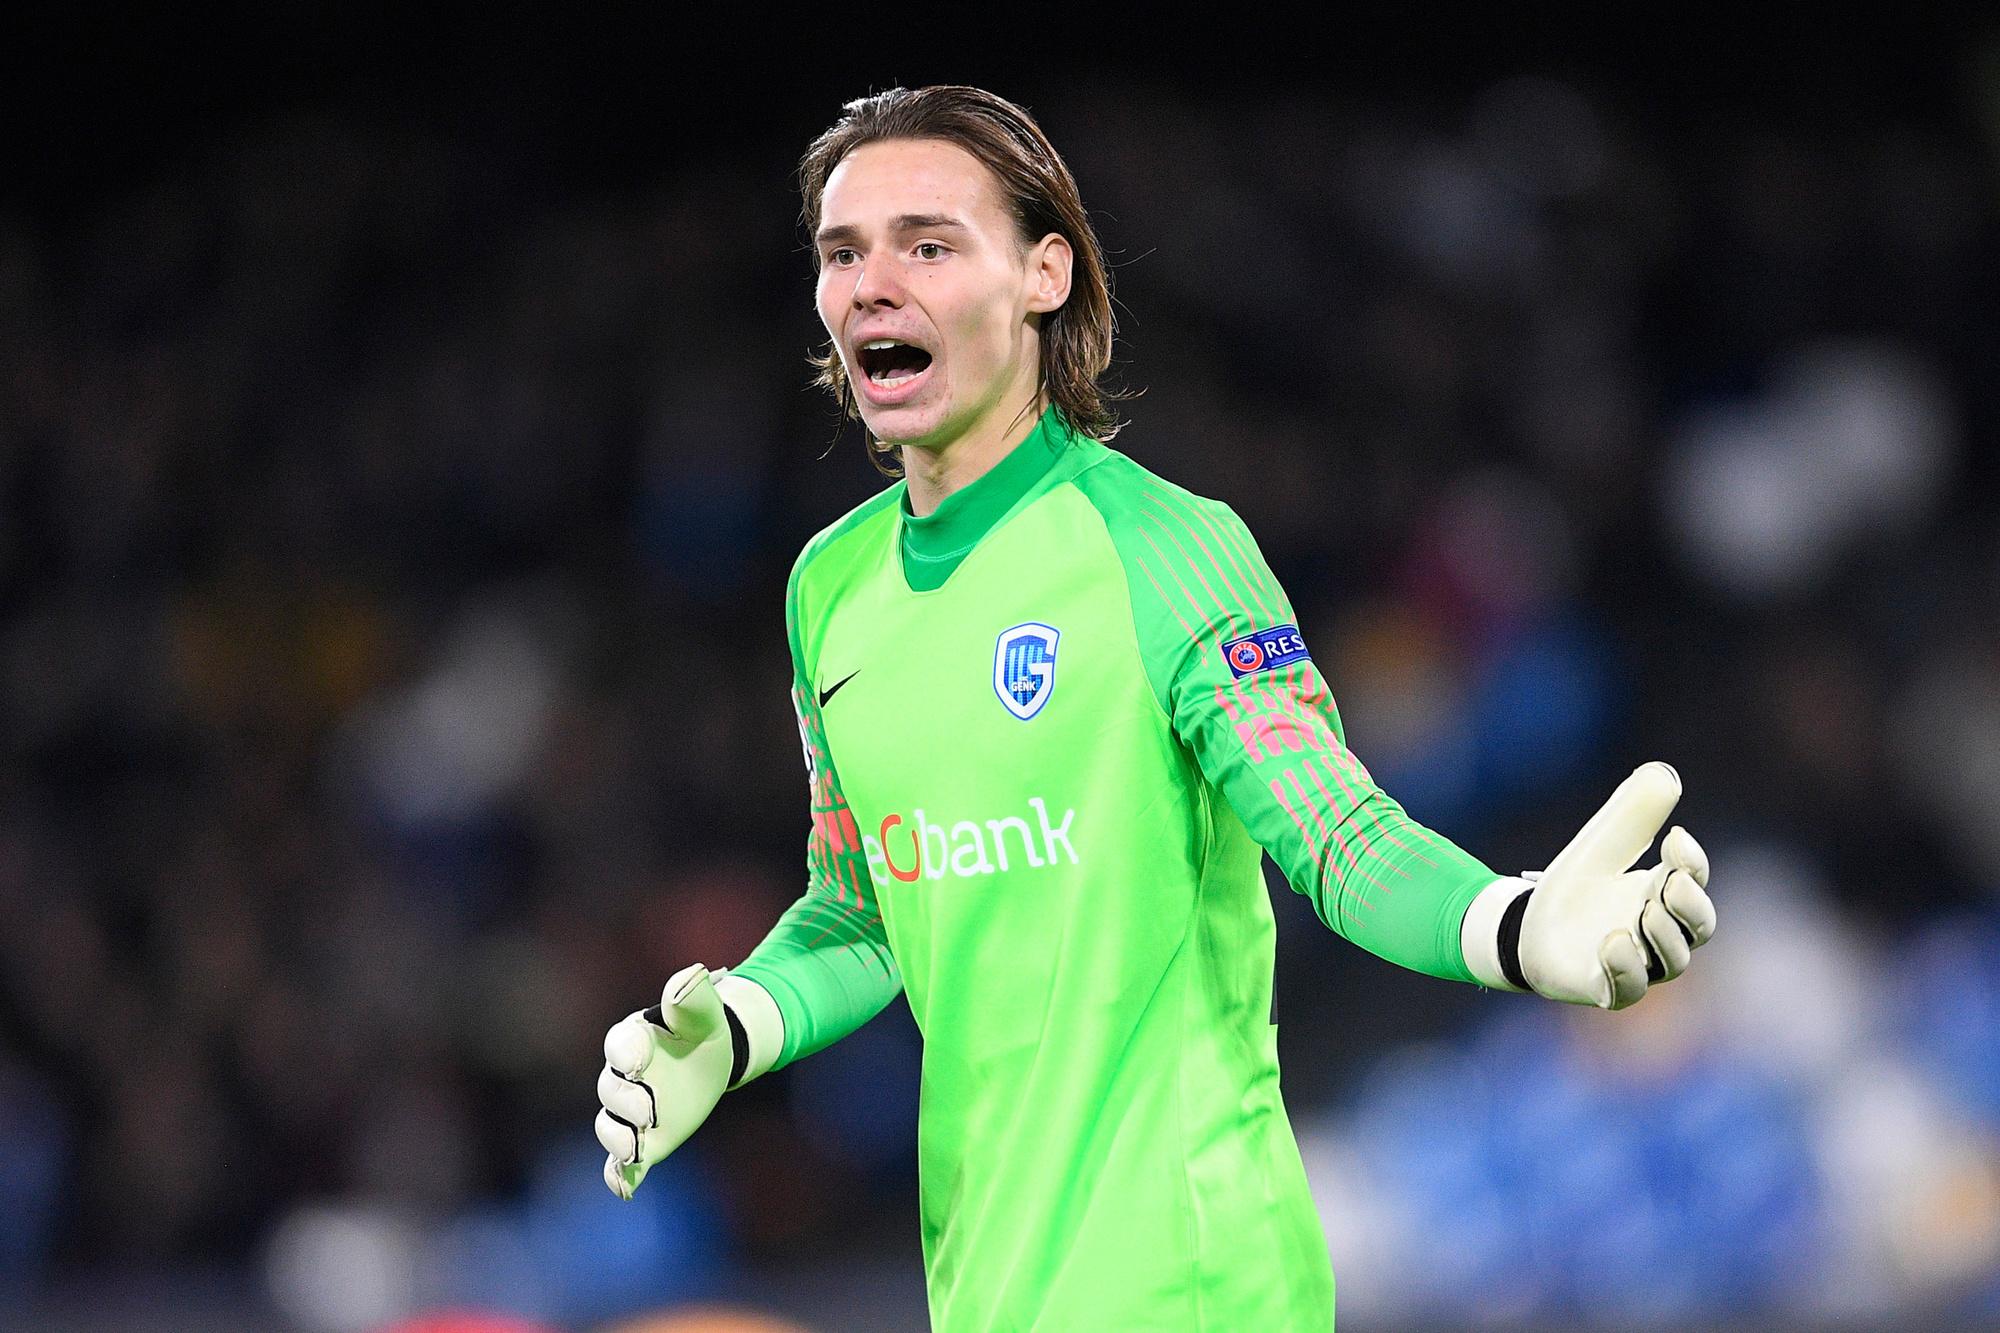 Het werd geen succesvolle campagne, maar Vandevoordt is wel de jongste keeper ooit in de Champions League., Belga Image